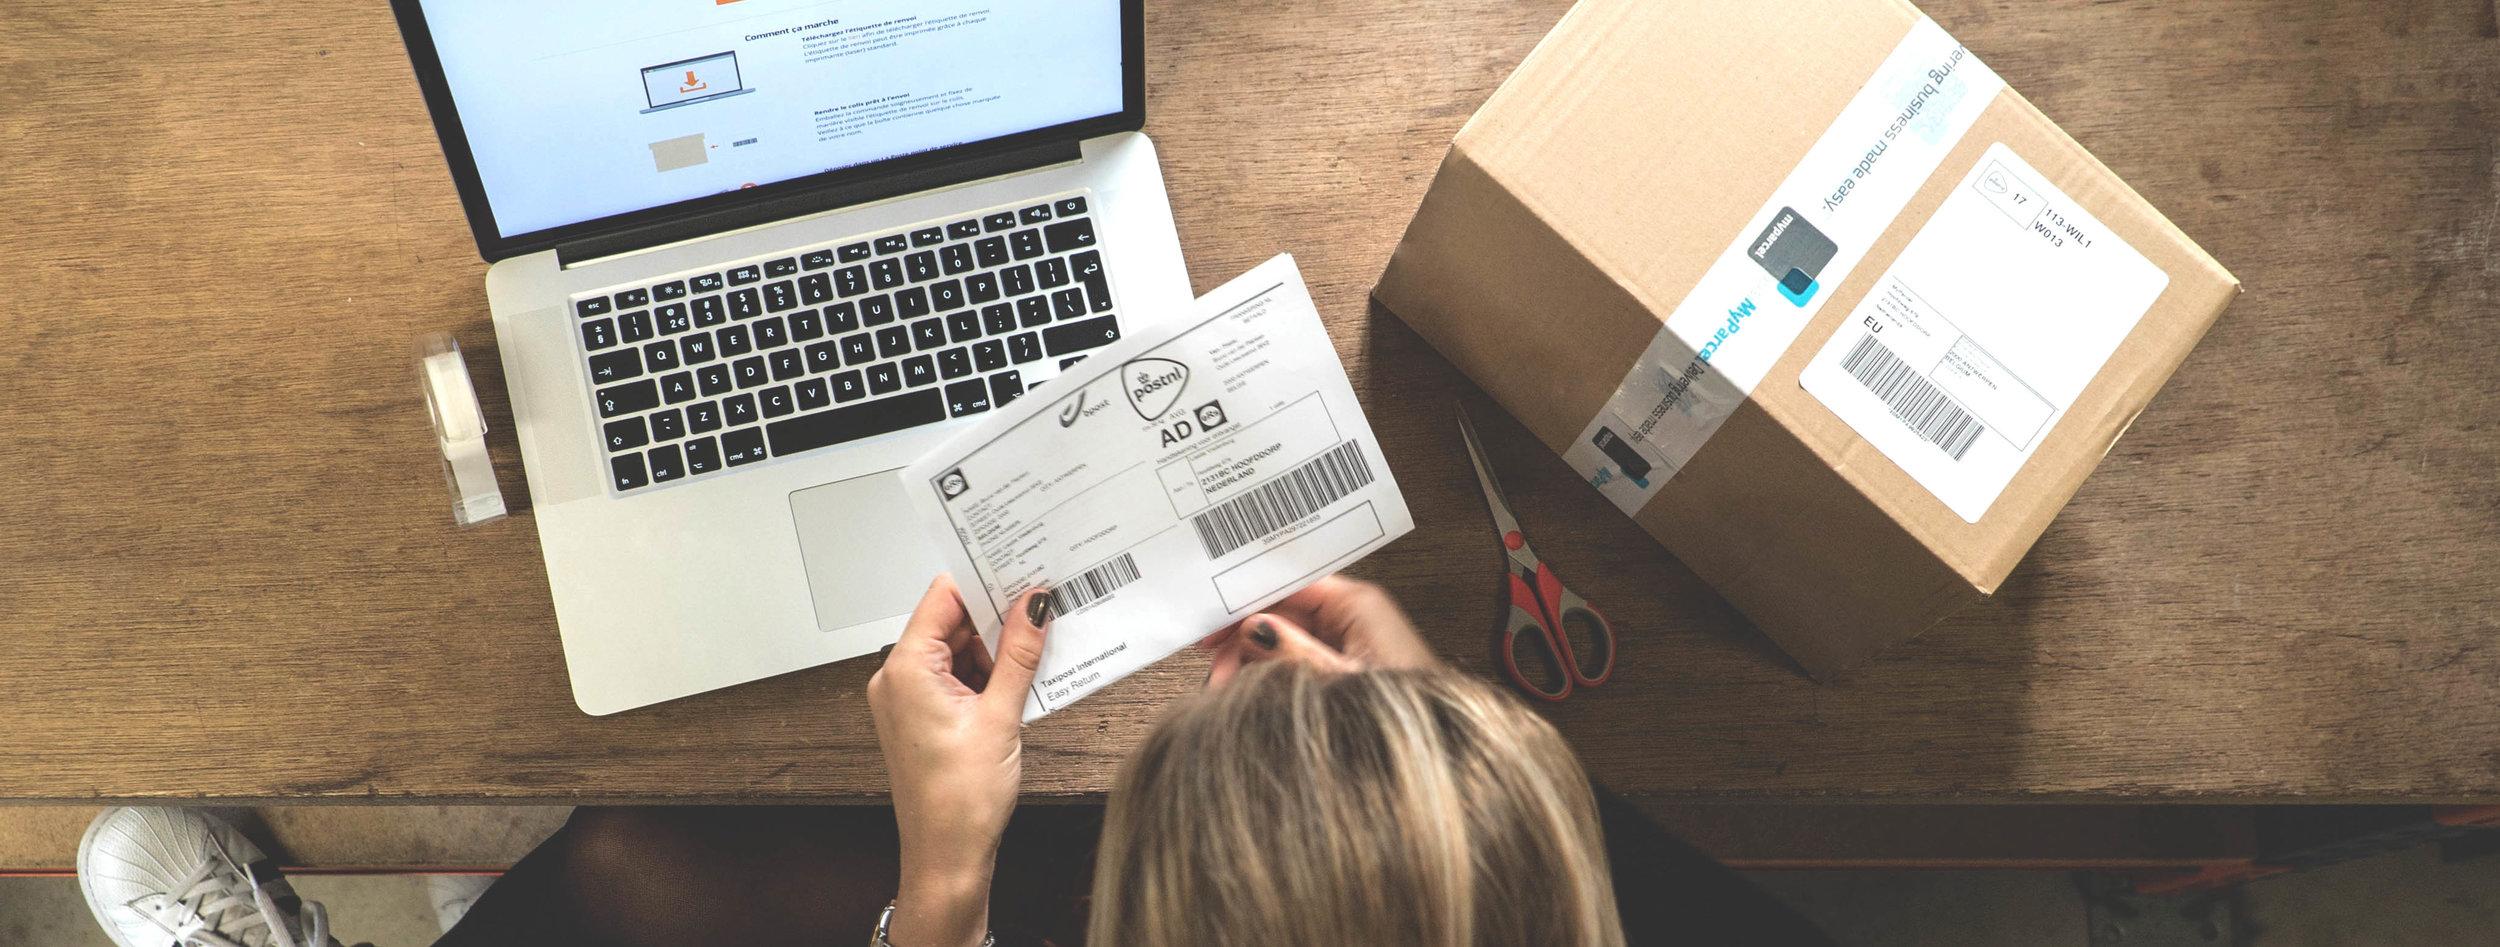 Europese retourservice, pakket met retourlabel voor retourneren vanuit het buitenland